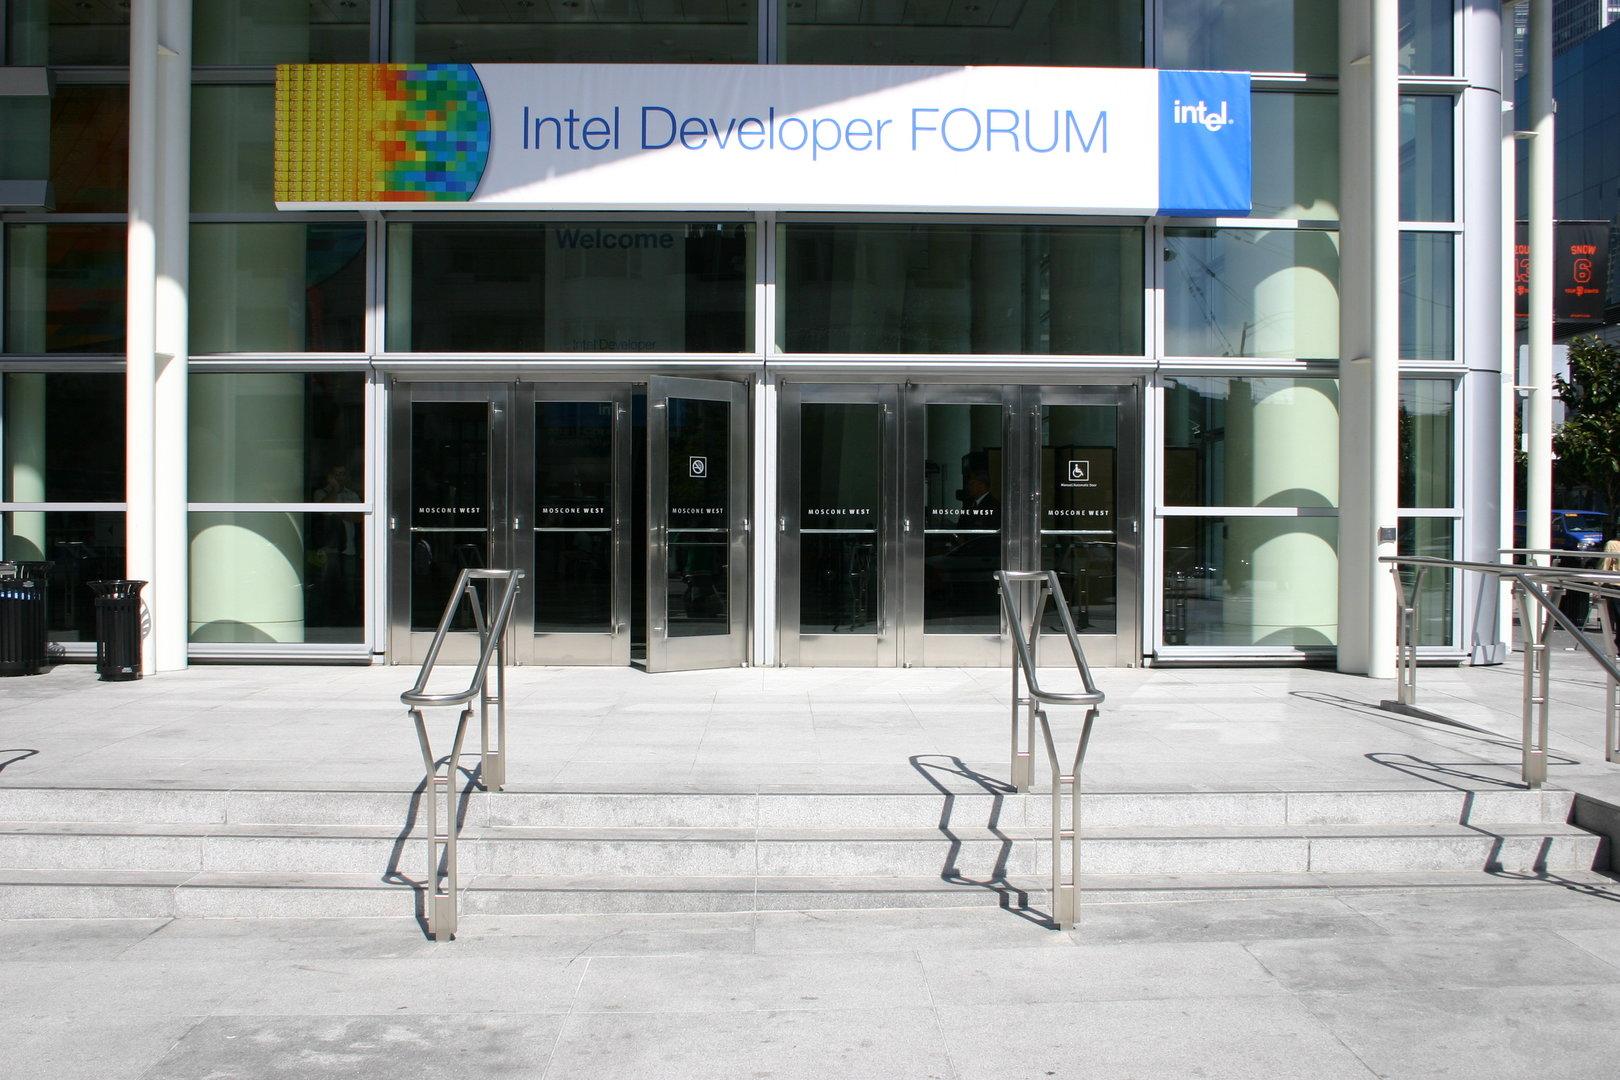 Eingang zum Intel Developer Forum Fall 2005